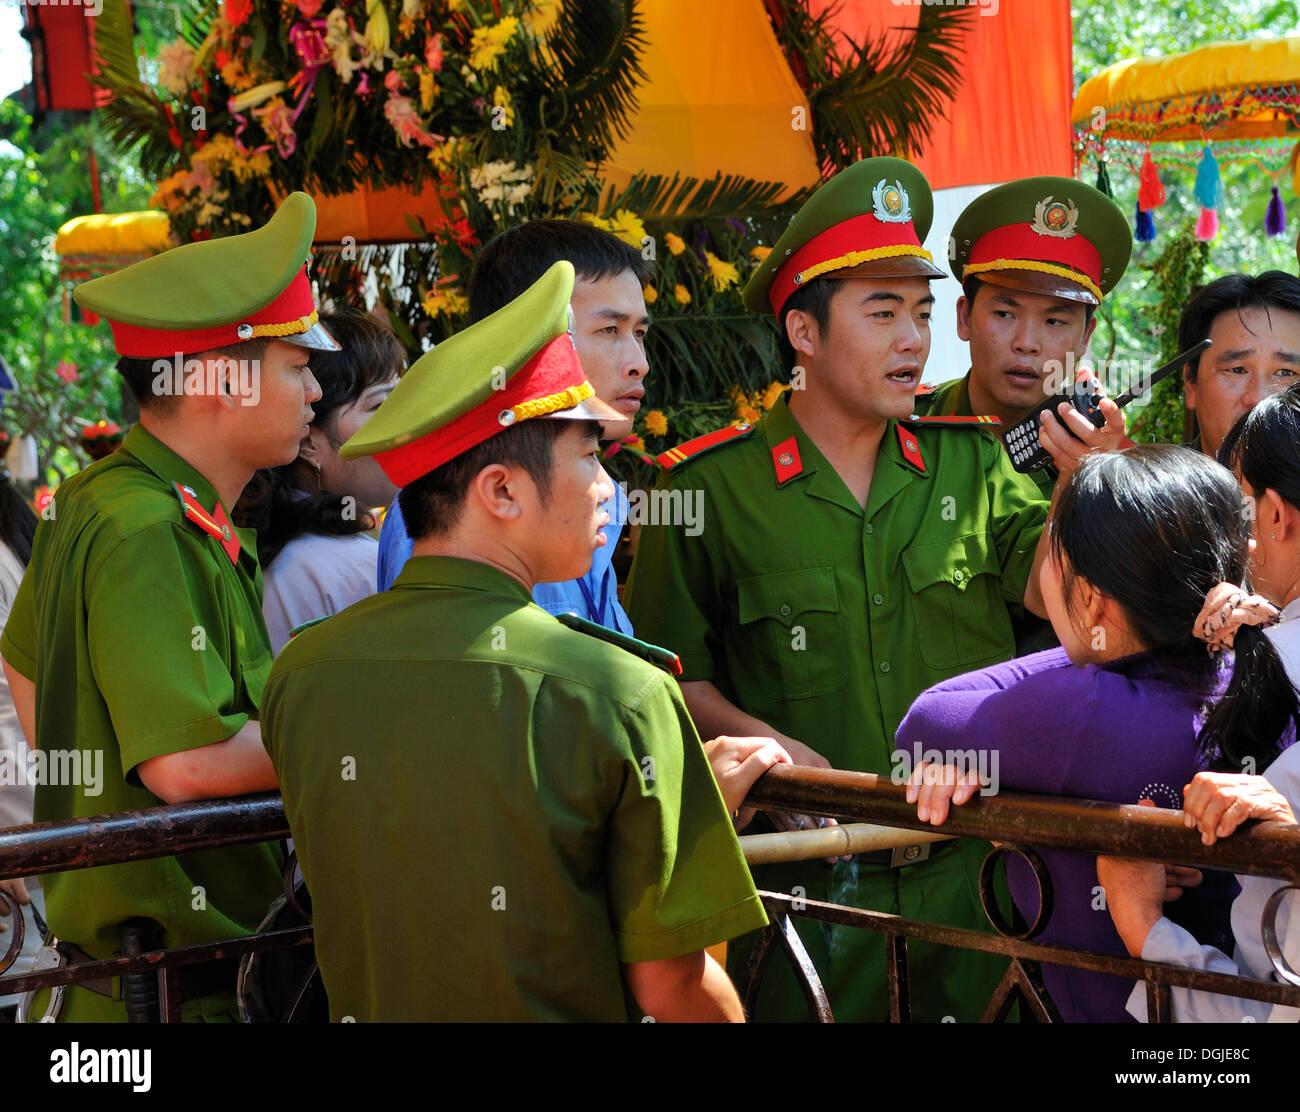 Les agents de police Maintien de l'ordre à la plus grande et la plus importante fête religieuse de la Cham de Po Nagar, Temple, Vietnam Photo Stock